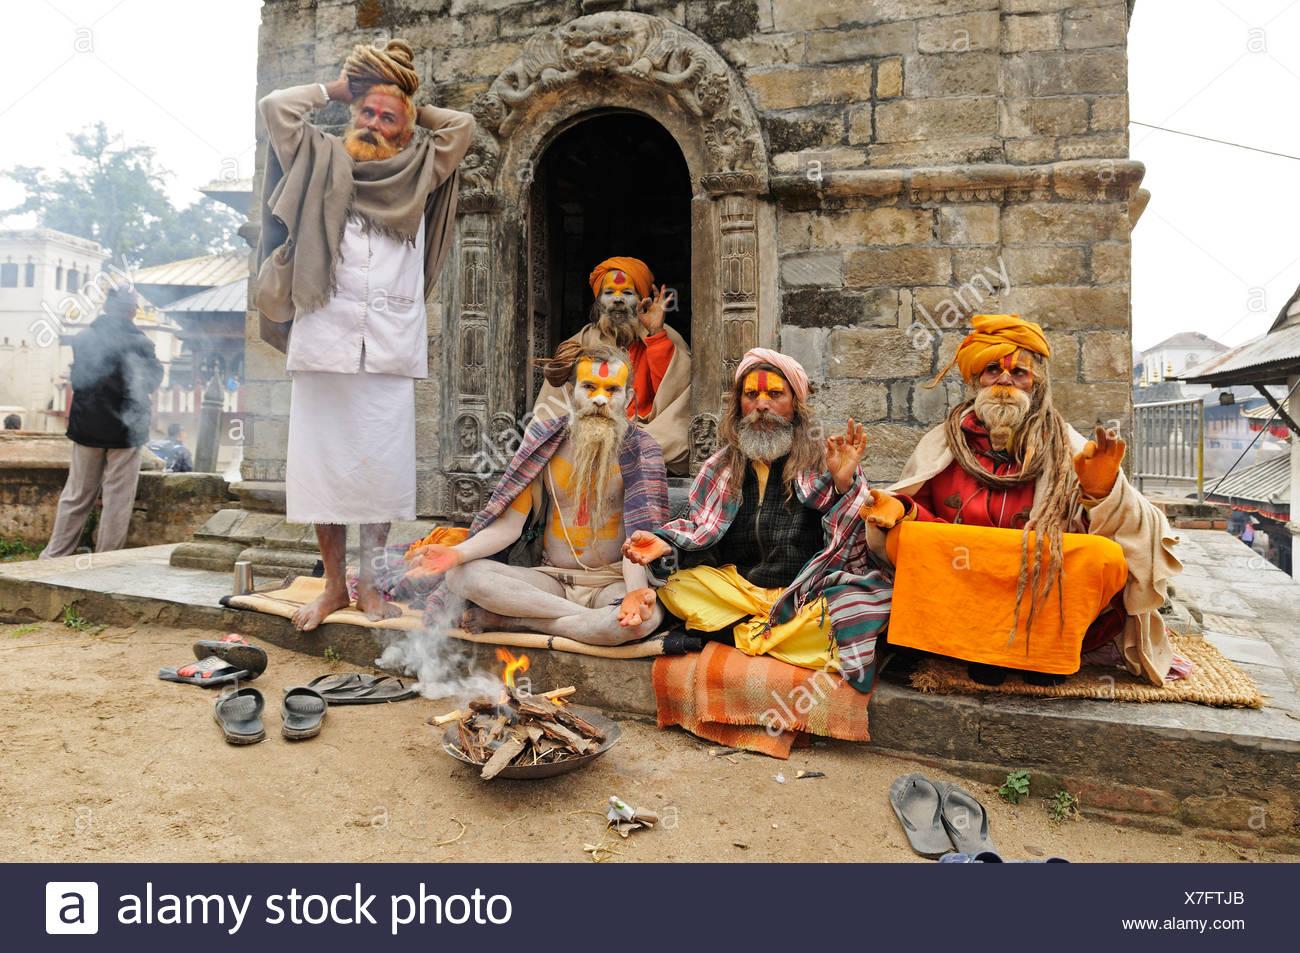 Sadhus in Pashupatinath, Kathmandu, Kathmandu Valley, Nepal, Asia - Stock Image